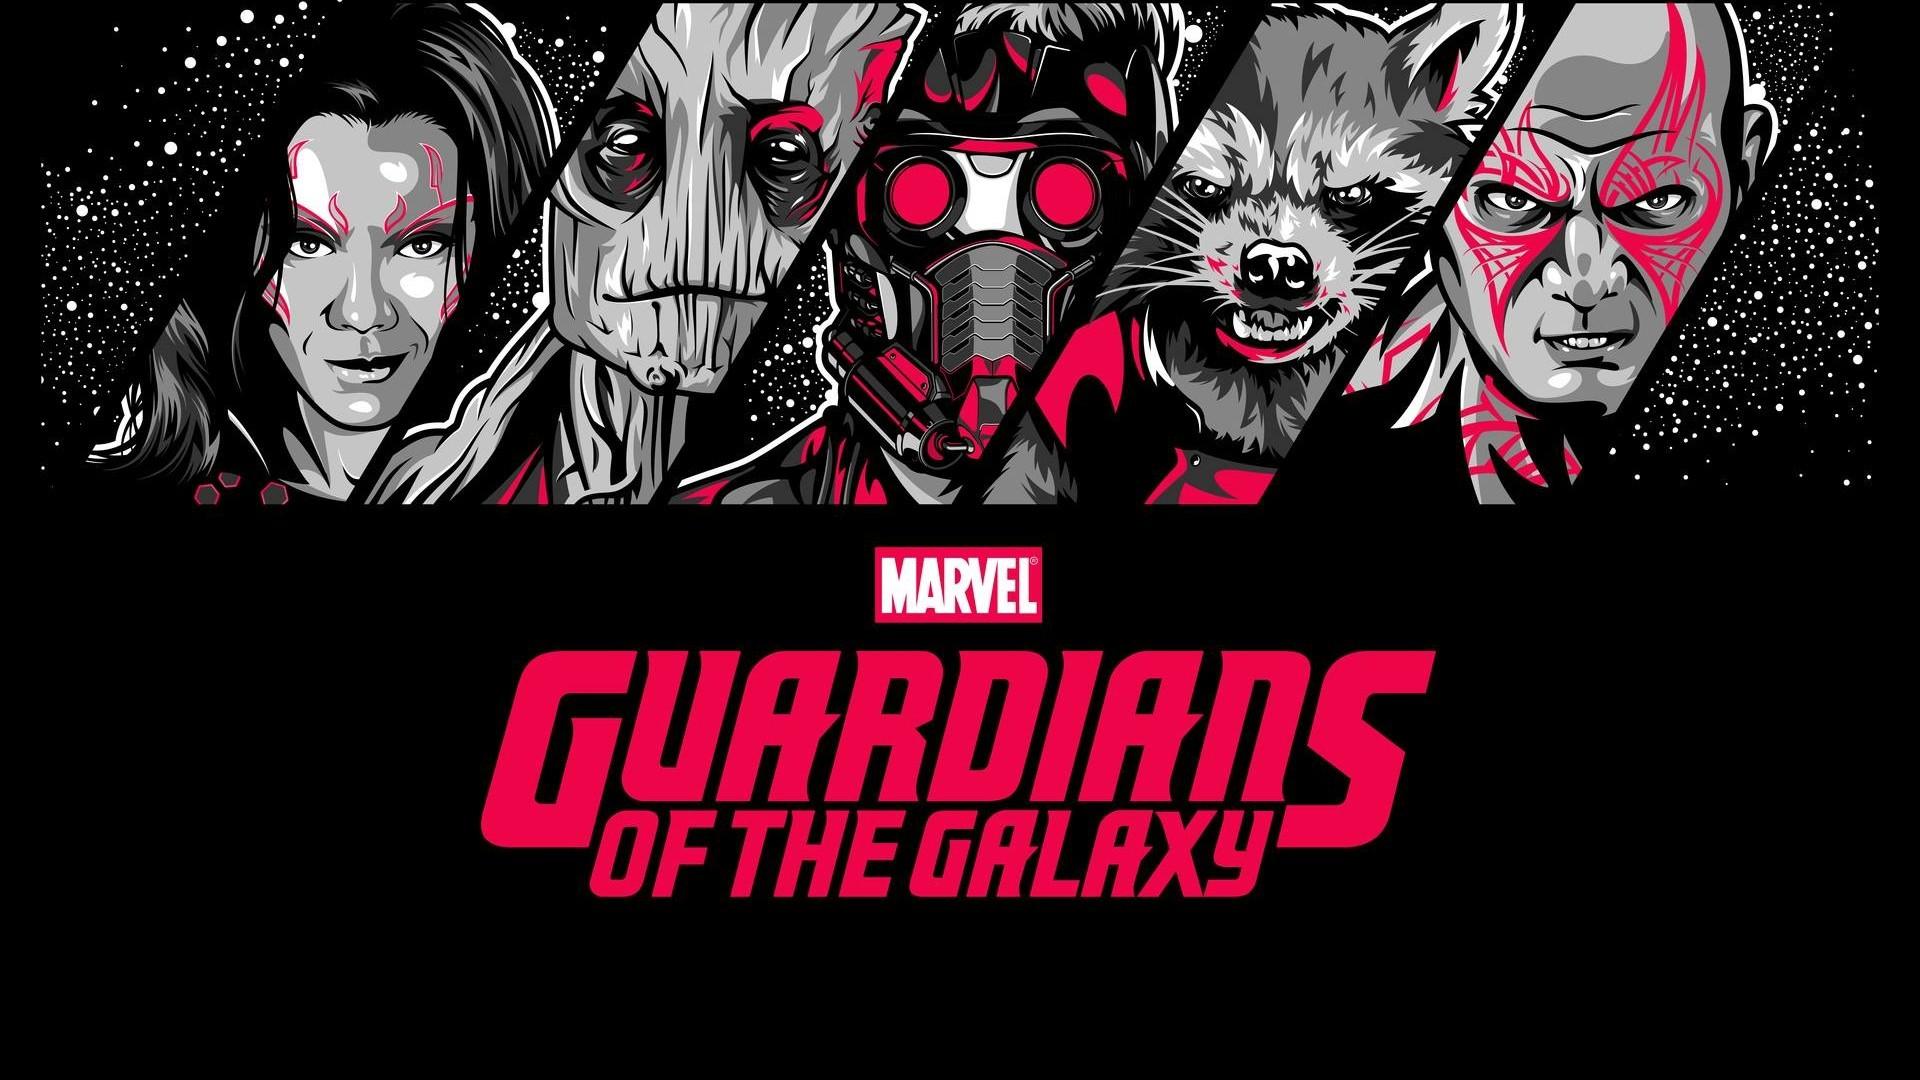 смотреть фильмы стражи галактики смотреть онлайн